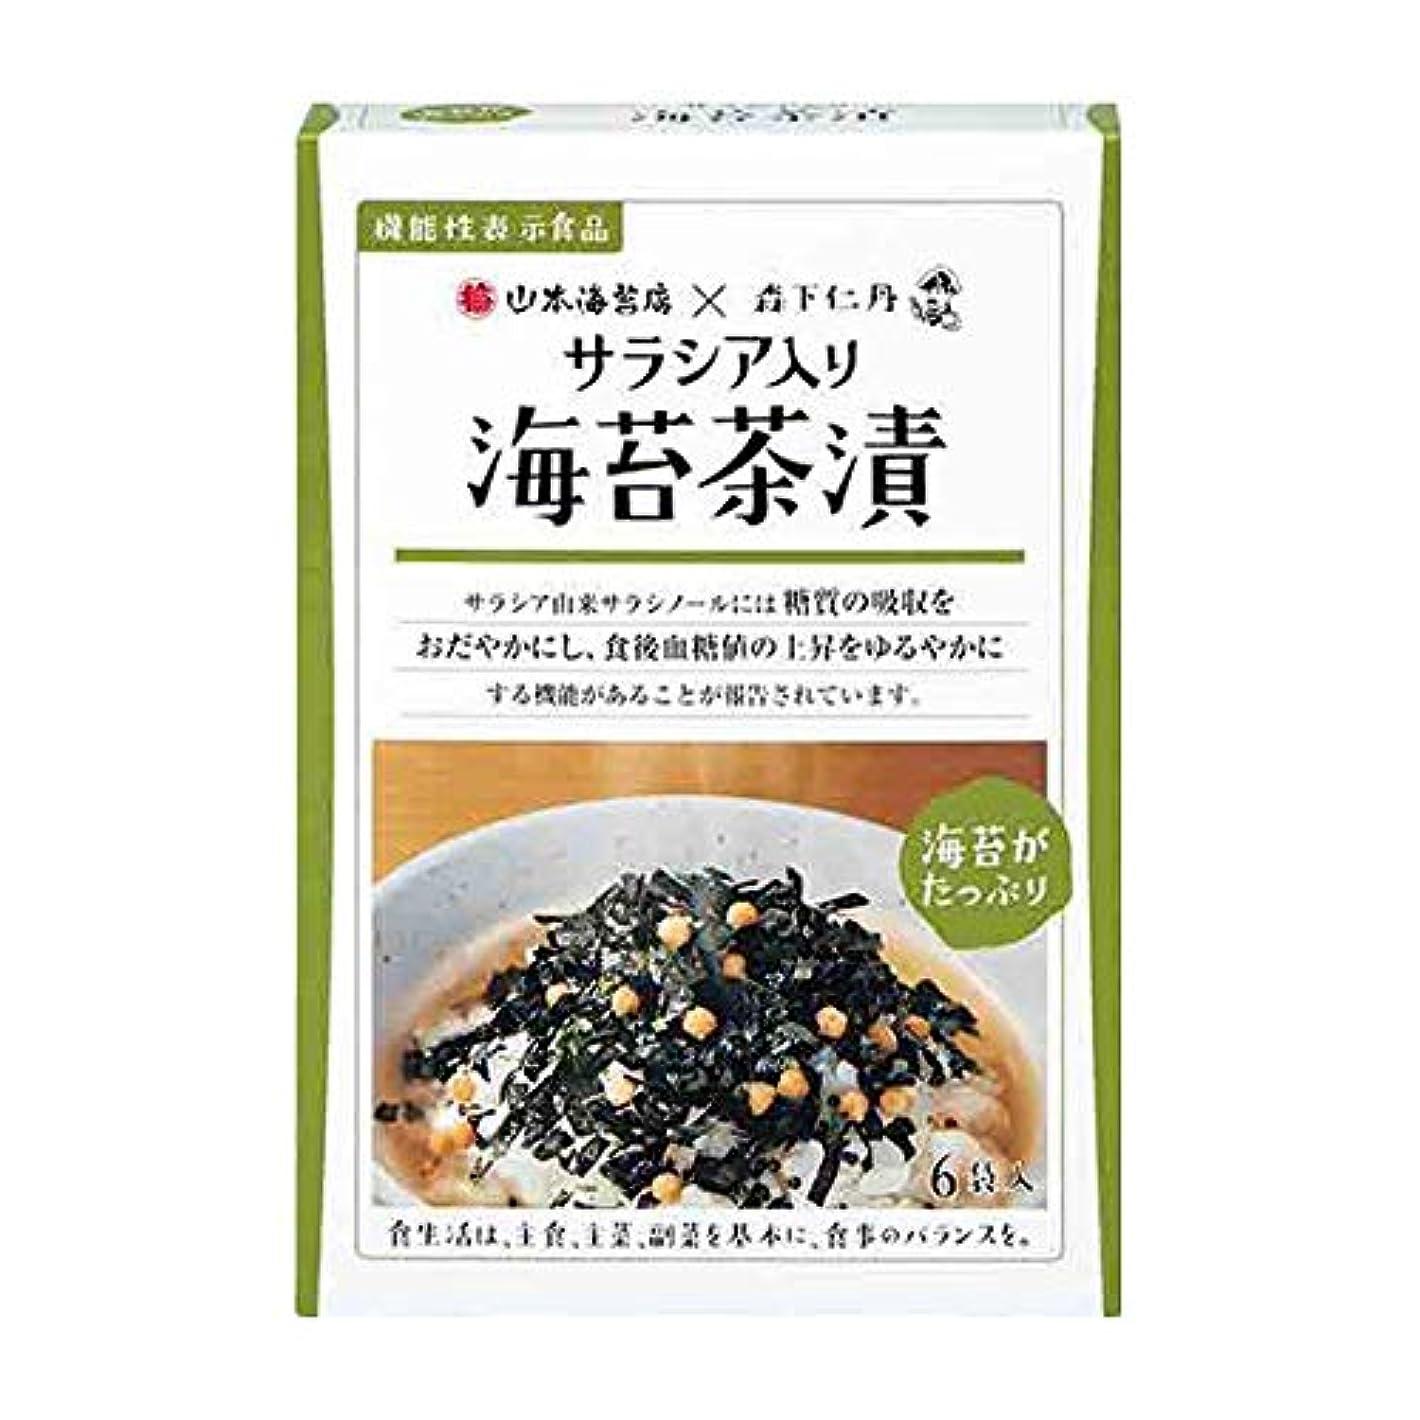 相手科学者家禽森下仁丹 海苔茶漬 サラシア入り (6.2g×6袋) [機能性表示食品]